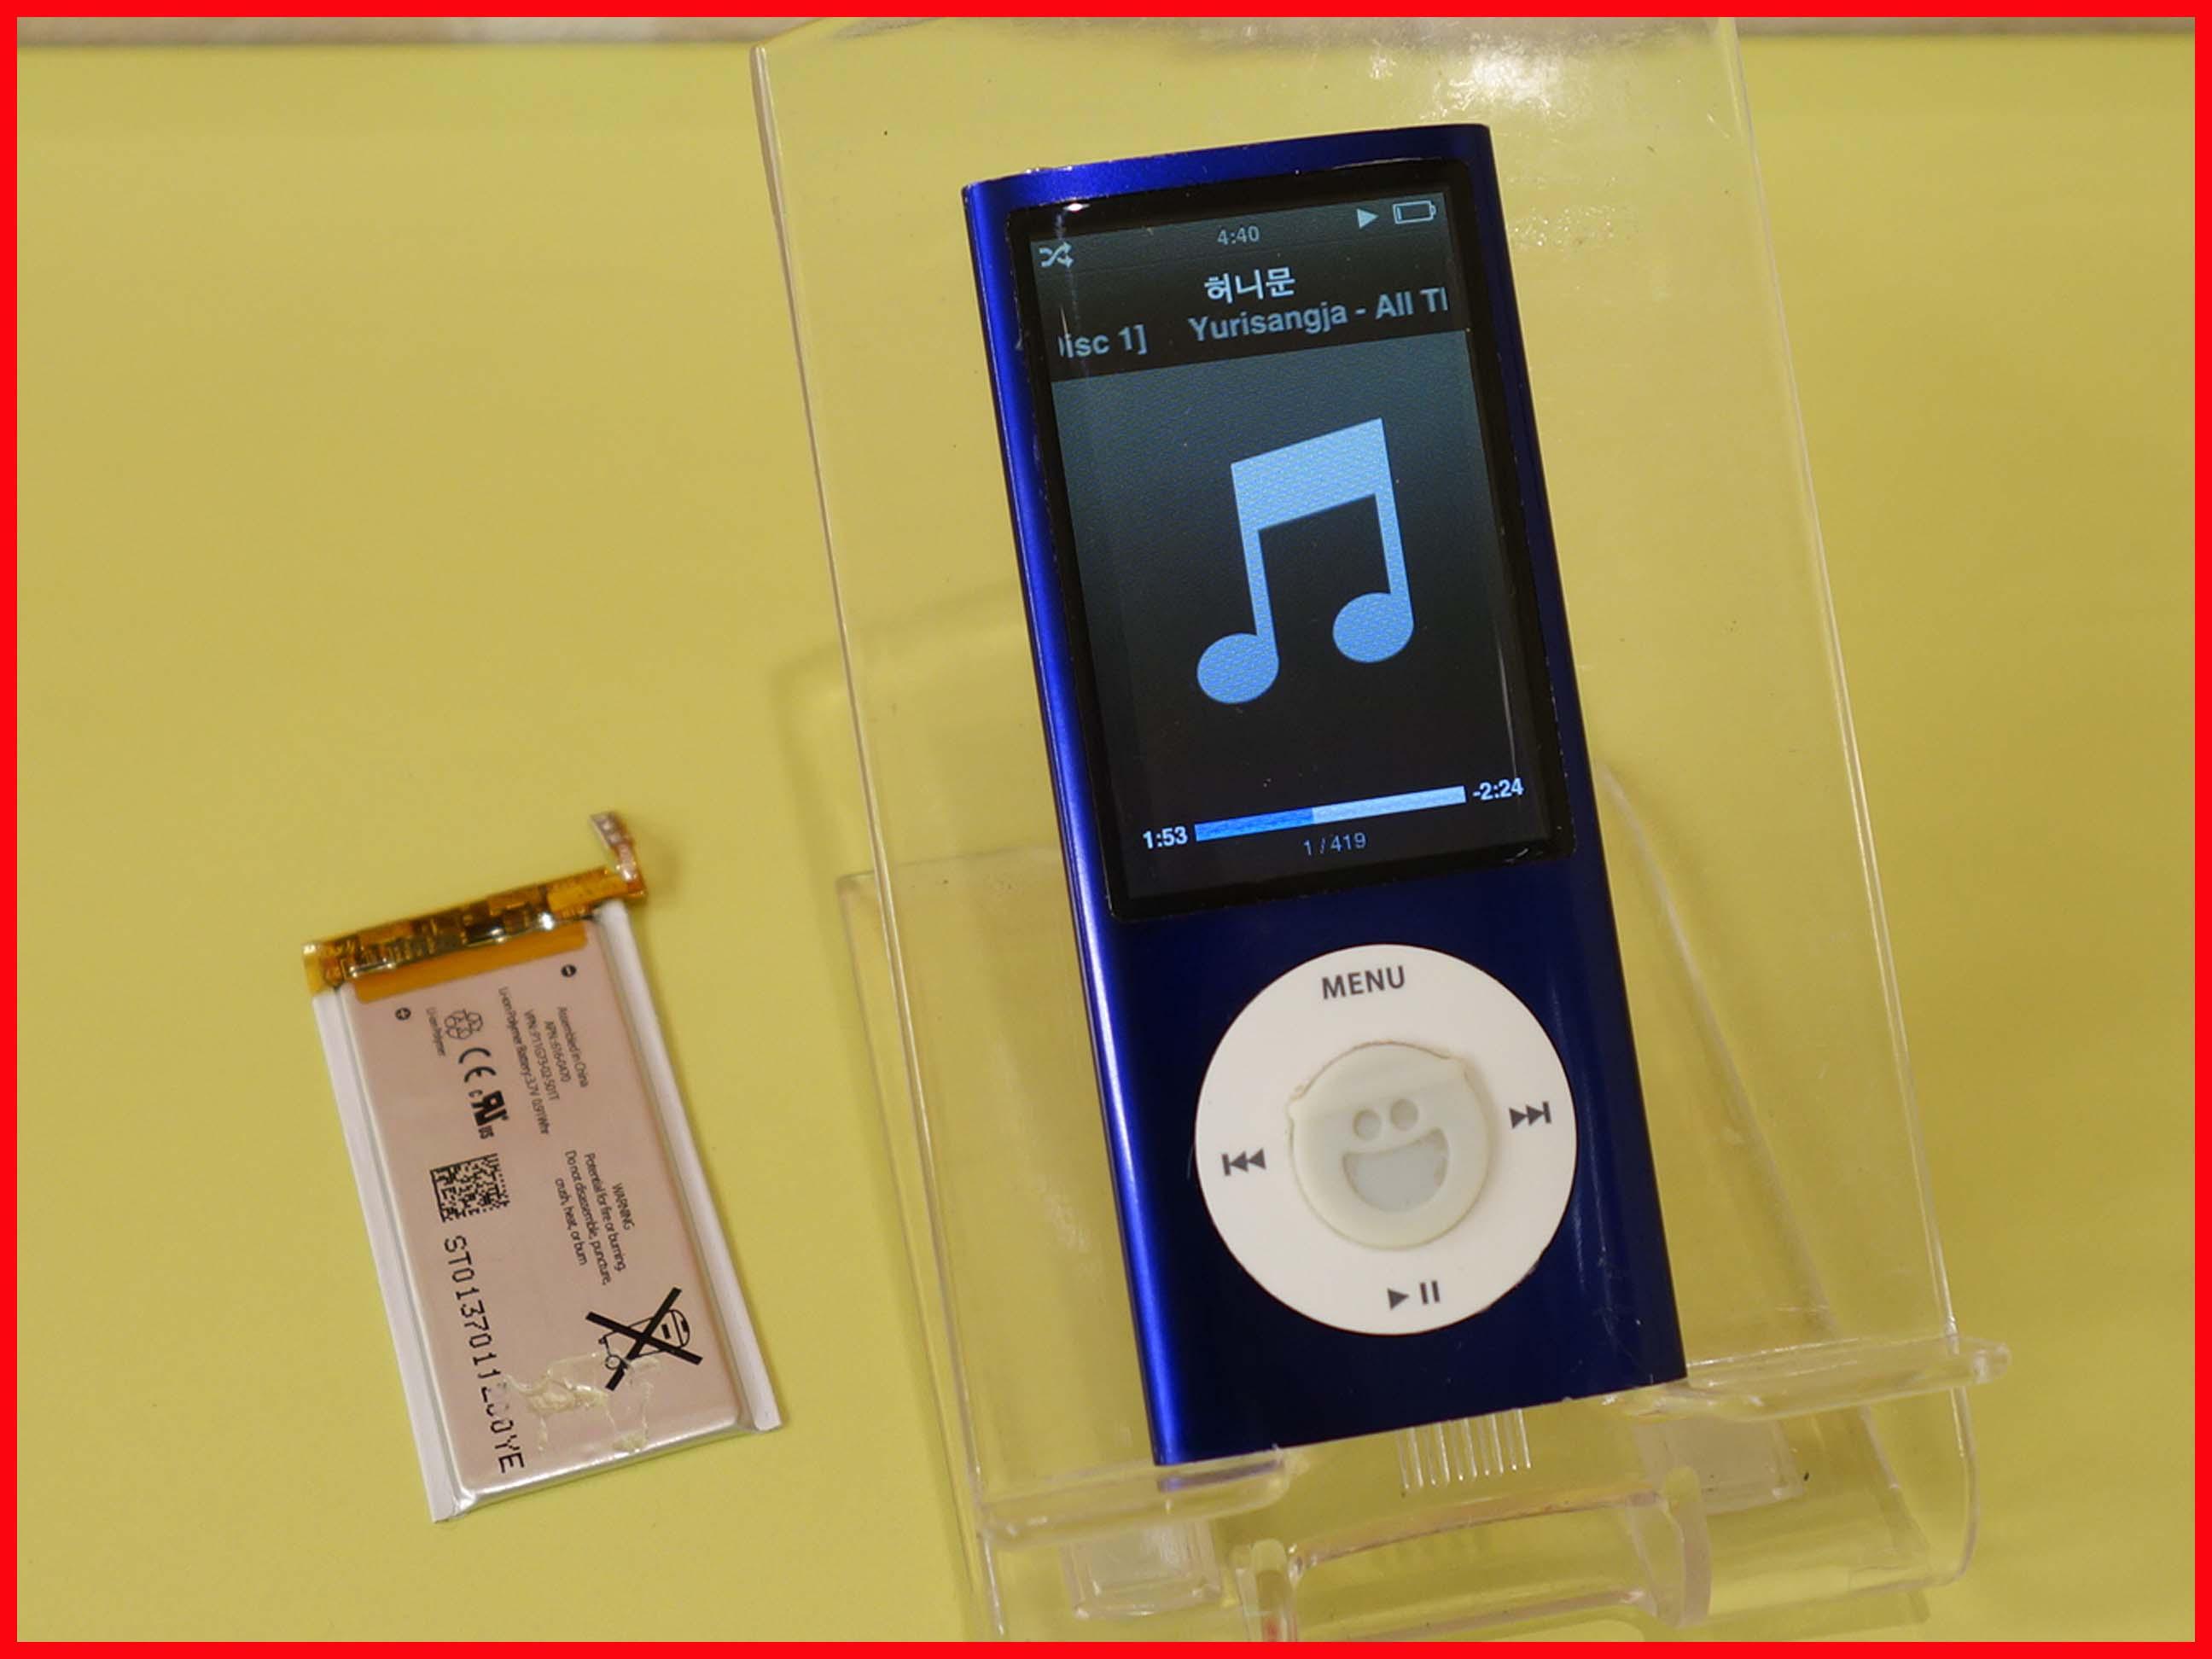 iPod nano5のバッテリー交換修理に名古屋市よりご来店!アイポッド修理もクイック名古屋